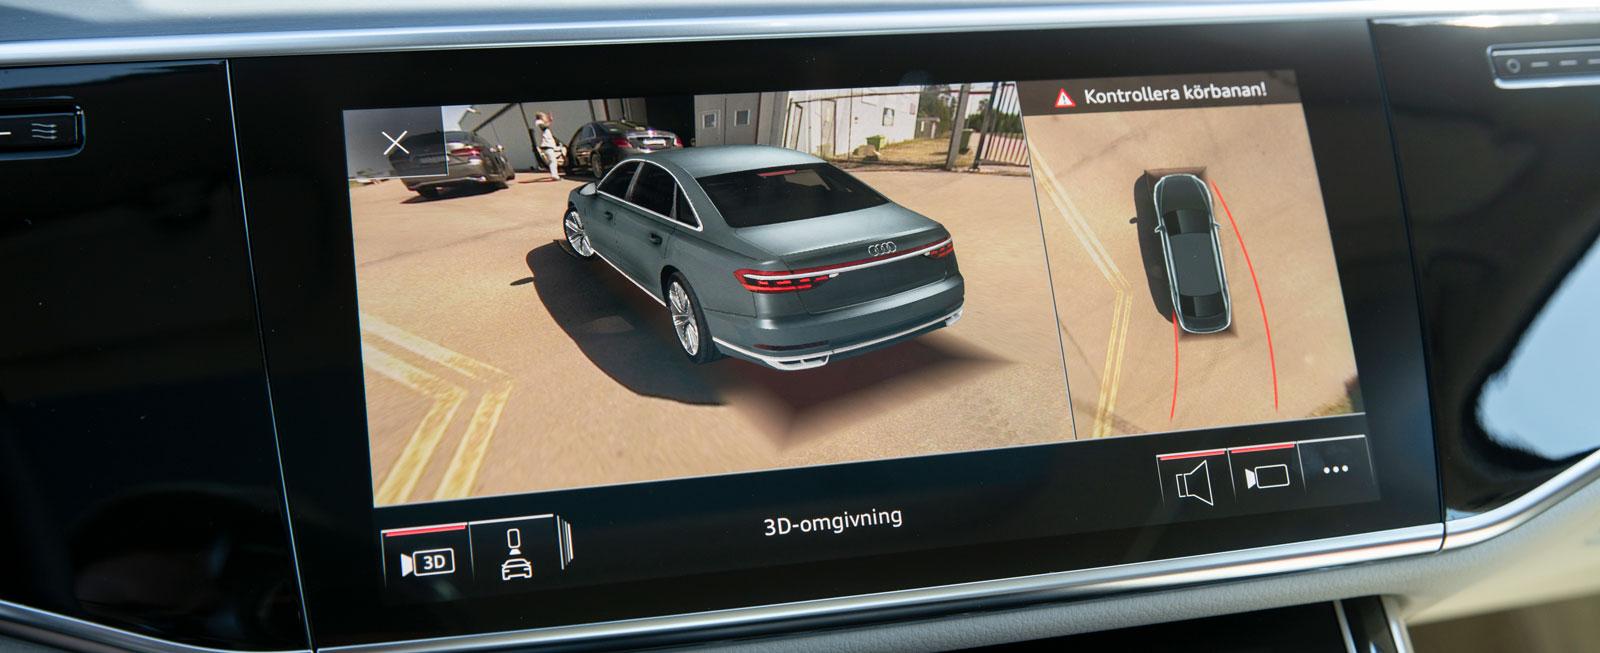 Audis dyraste p-kamerasystem kan visa den egna bilen från alla tänkbara vinklar och håll.